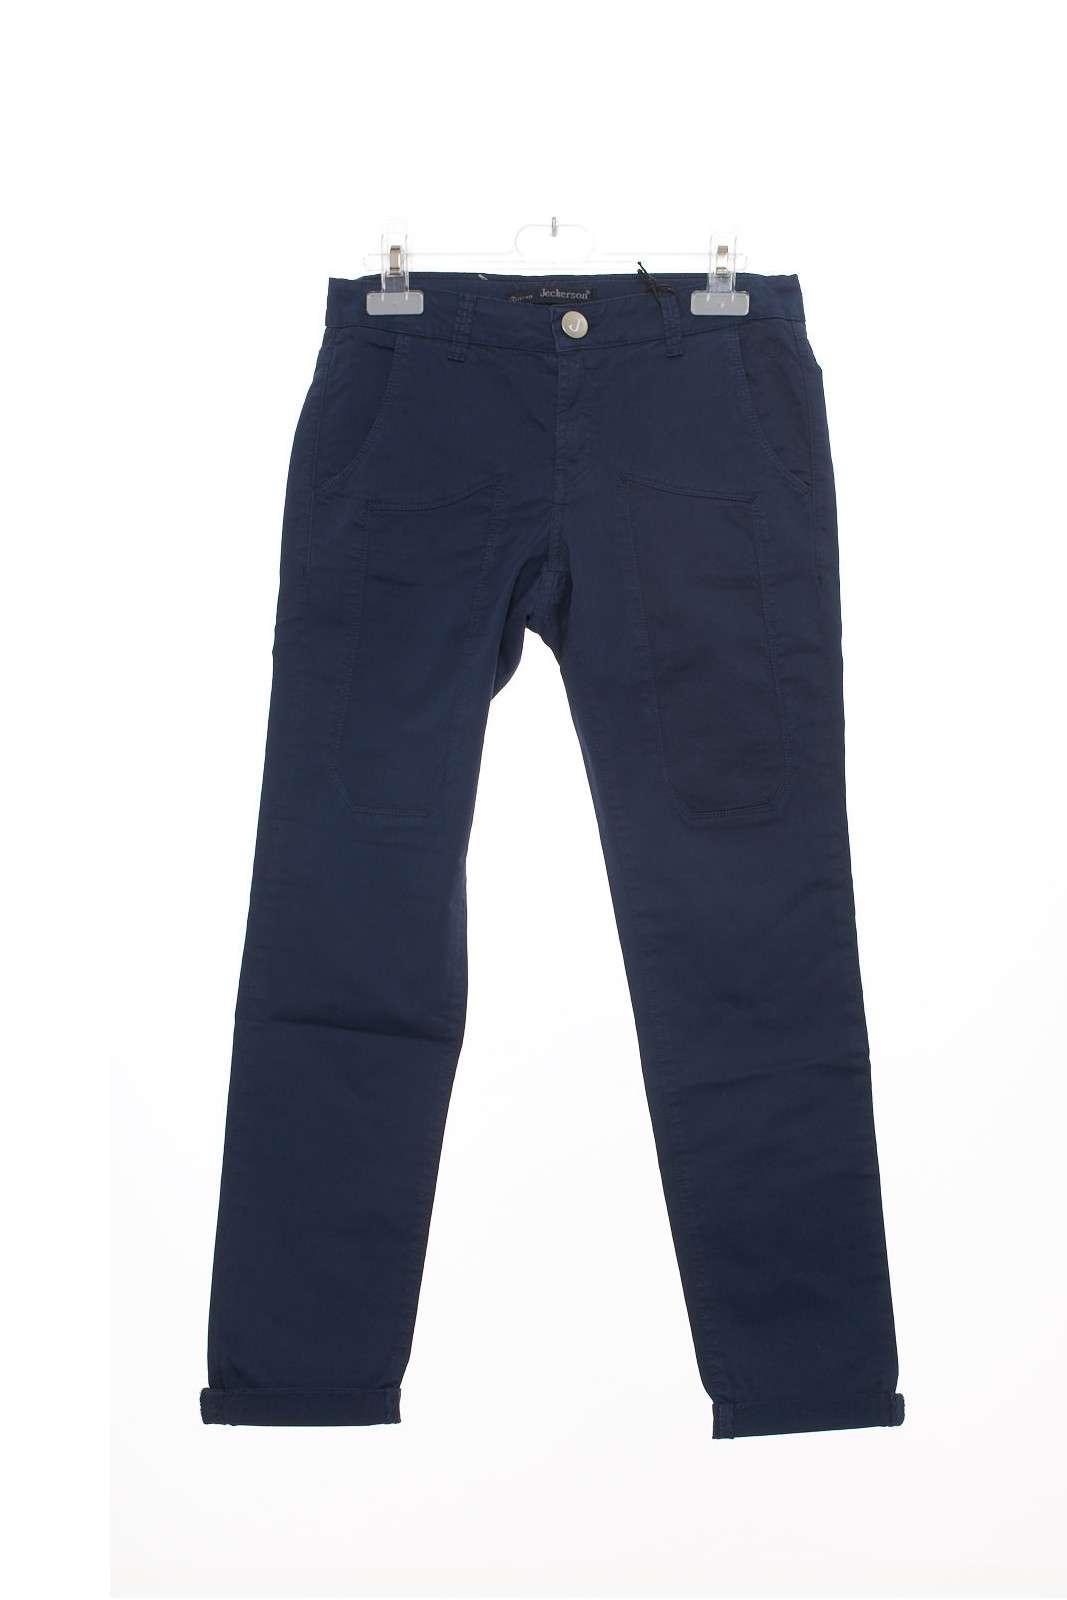 Pantaloni eleganti con toppe anteriori. Adatto anche per ogni giorno.